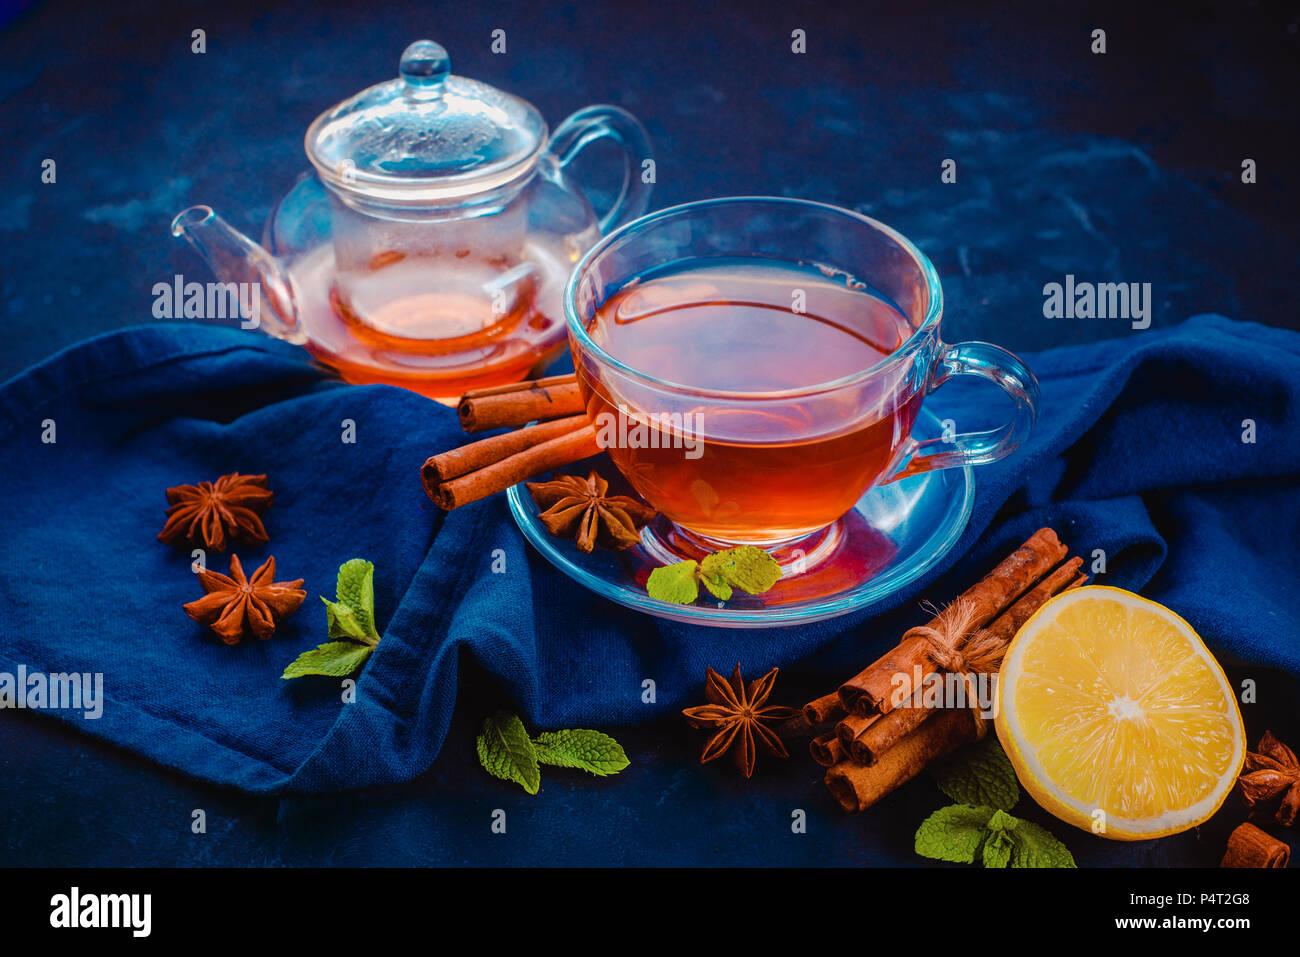 Schwarzer Tee Glas Teetasse, , Serviette, Zitronenscheiben, Zimt, Anis Sterne und Minze auf einem dunklen Hintergrund. Dunkle essen Fotografie Header mit kopieren Stockbild